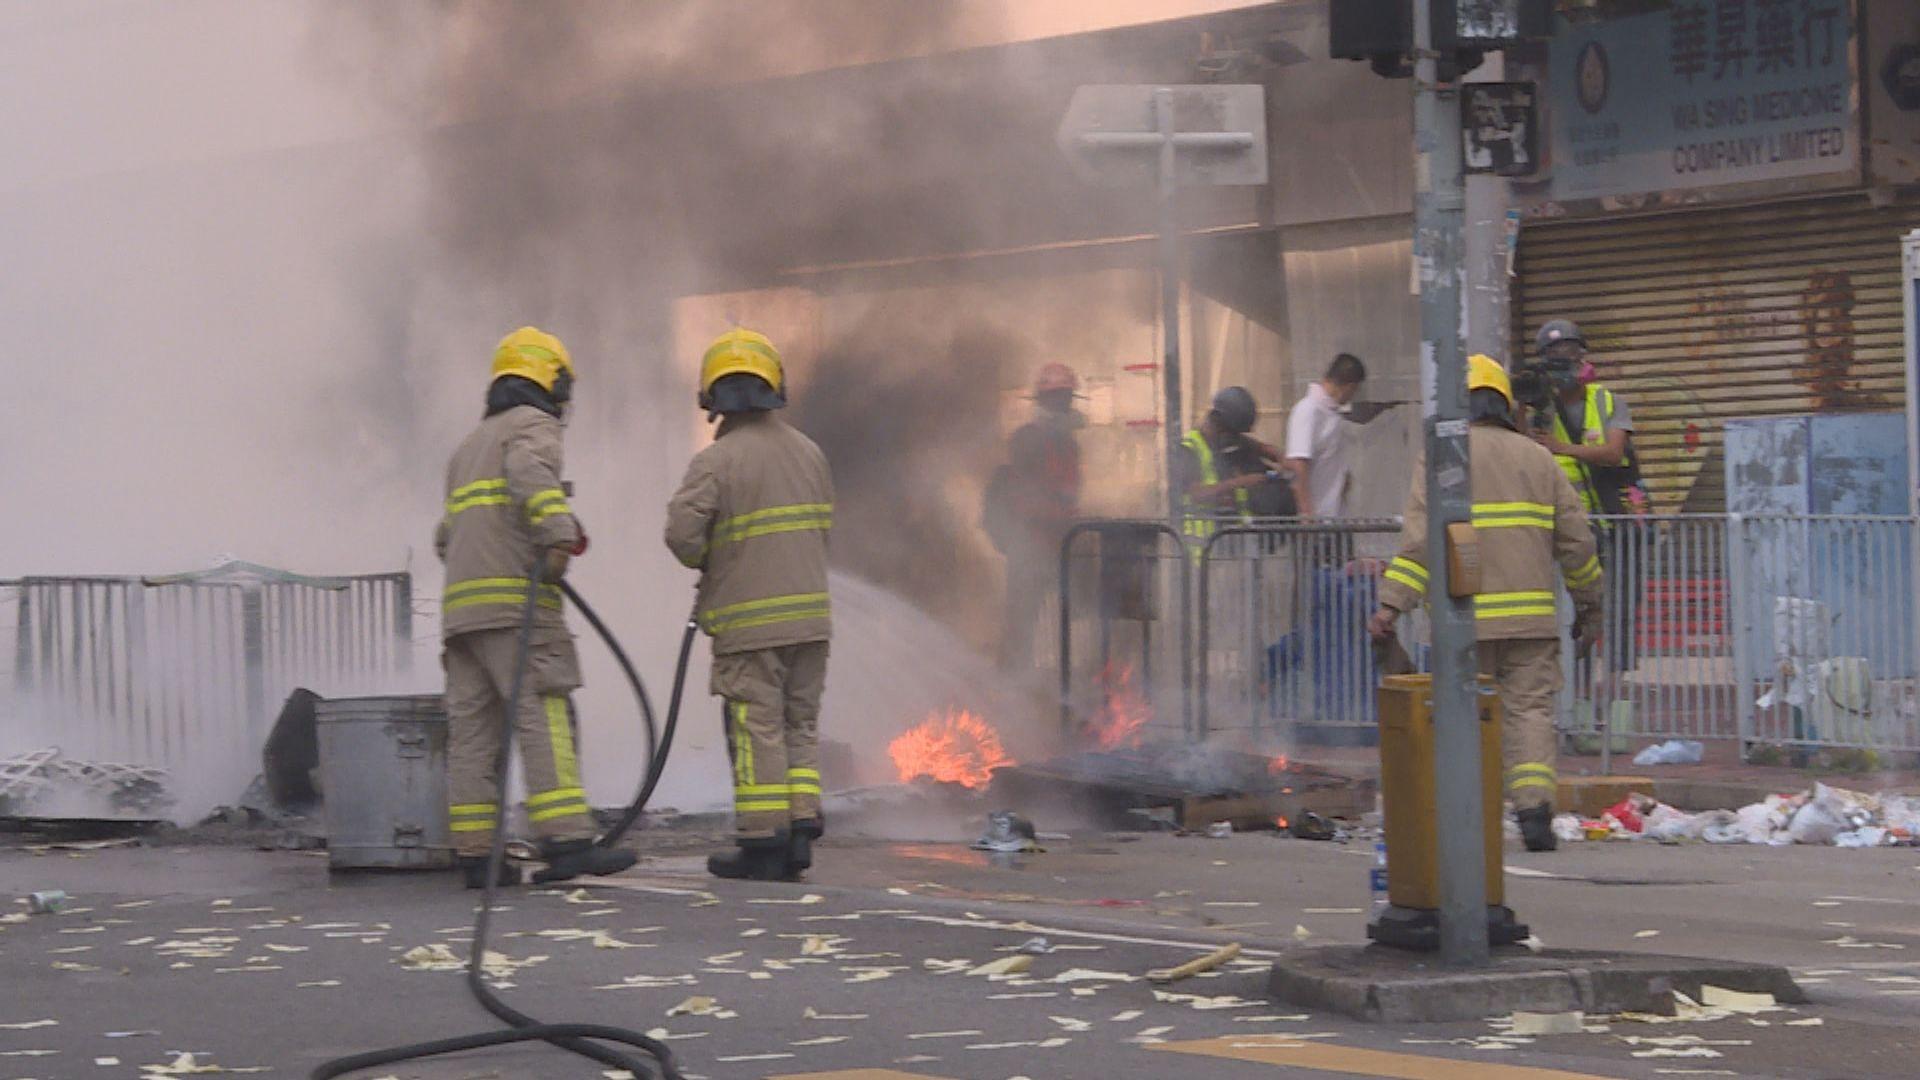 消防處:在社會最困難時刻作適當部署